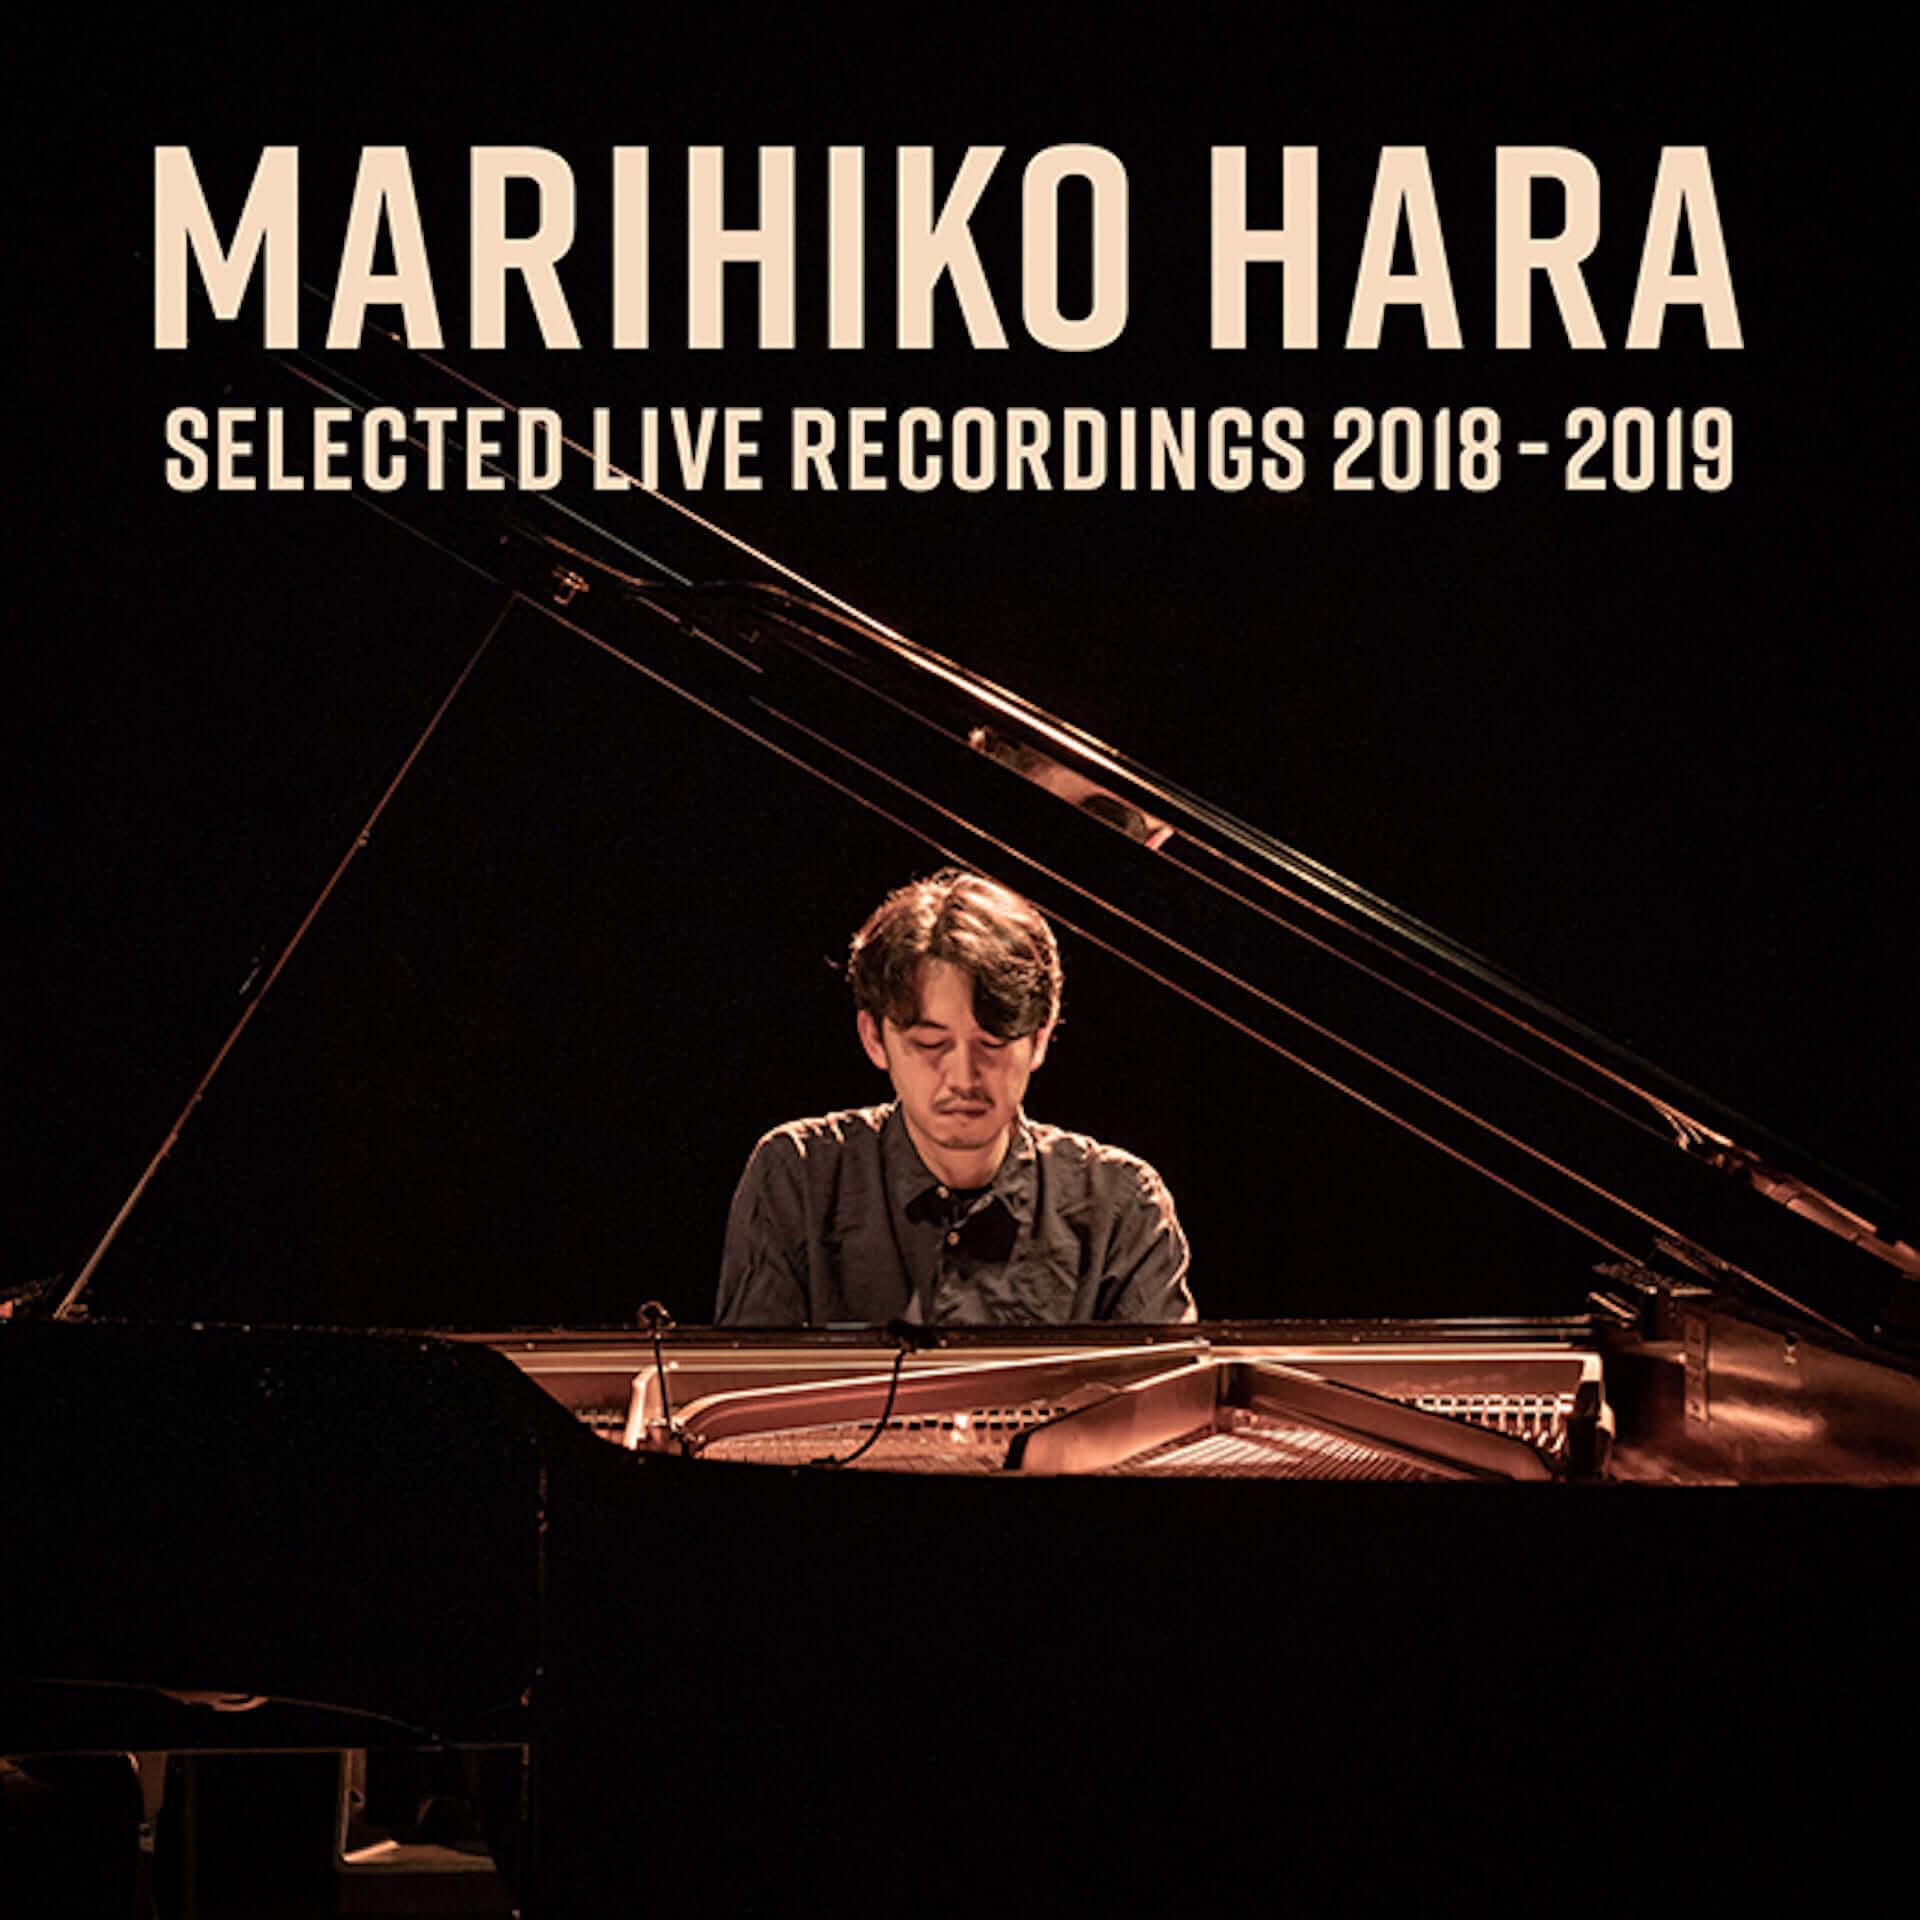 原 摩利彦が音楽を担当したプロジェクト「THINK SOUTH FOR THE NEXT 2020」の特別映像が公開!本人コメントも到着 music201131_haramarihiko_2-1920x1920